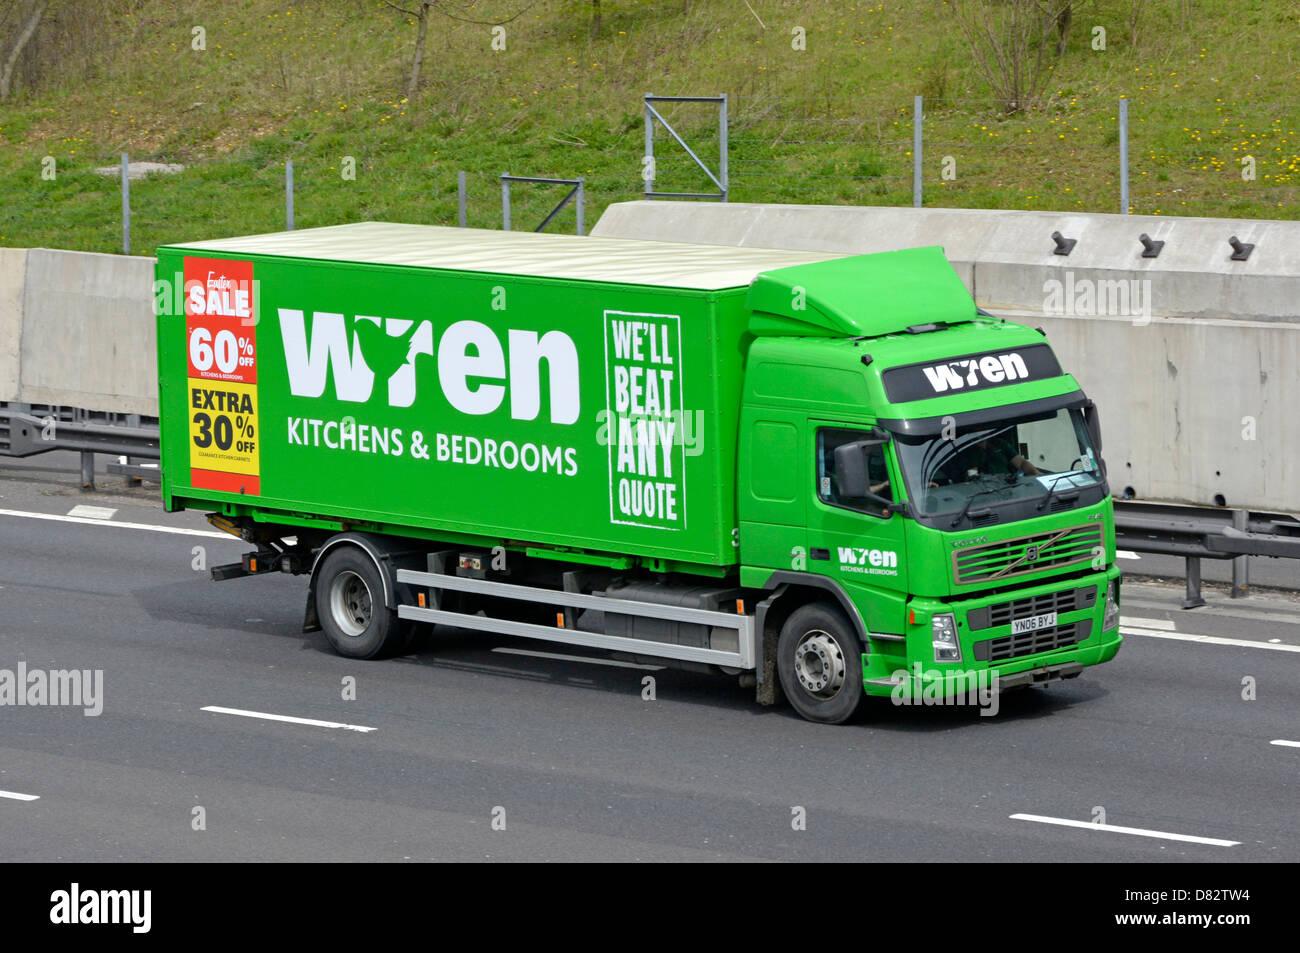 Wren Kitchen Sale